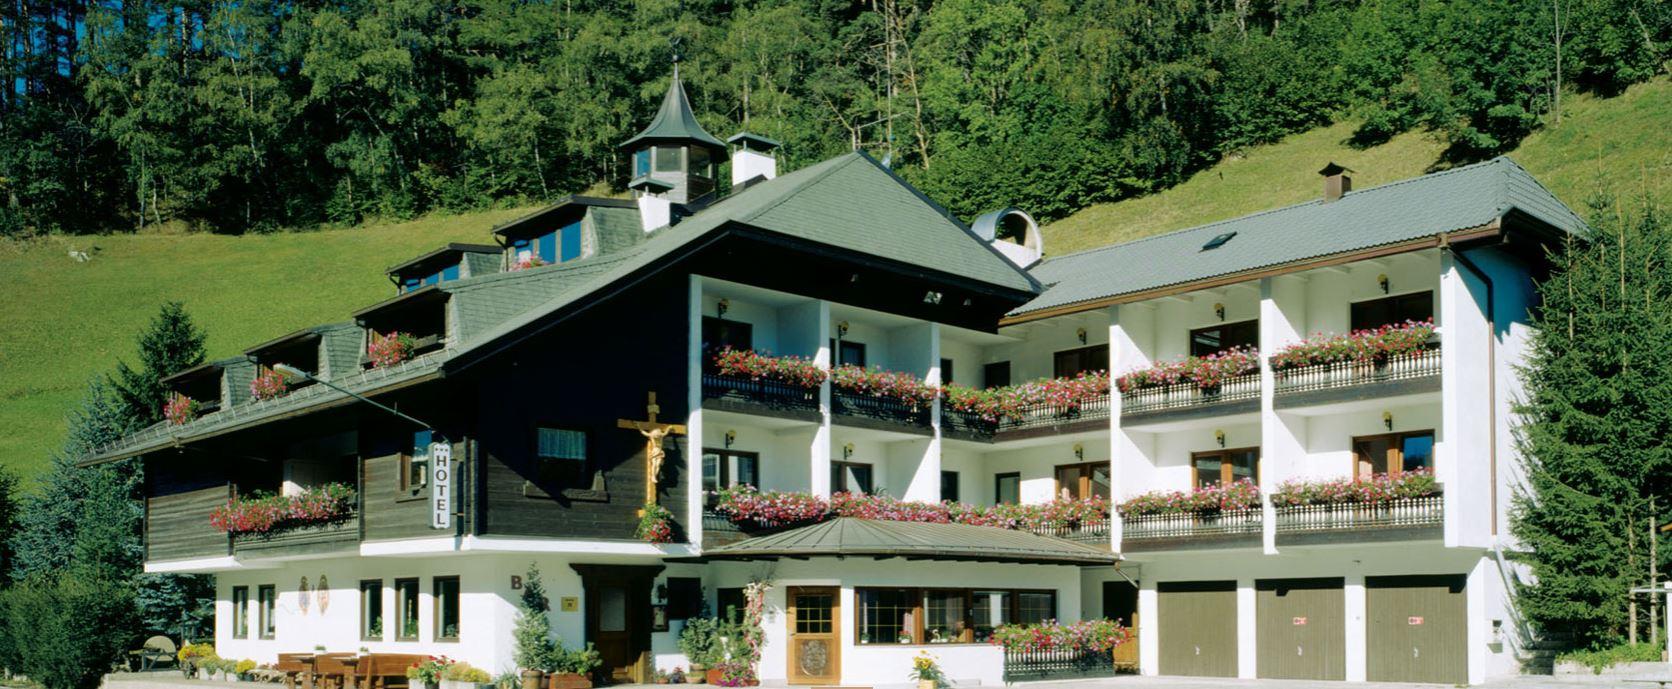 Ahrntalerhof